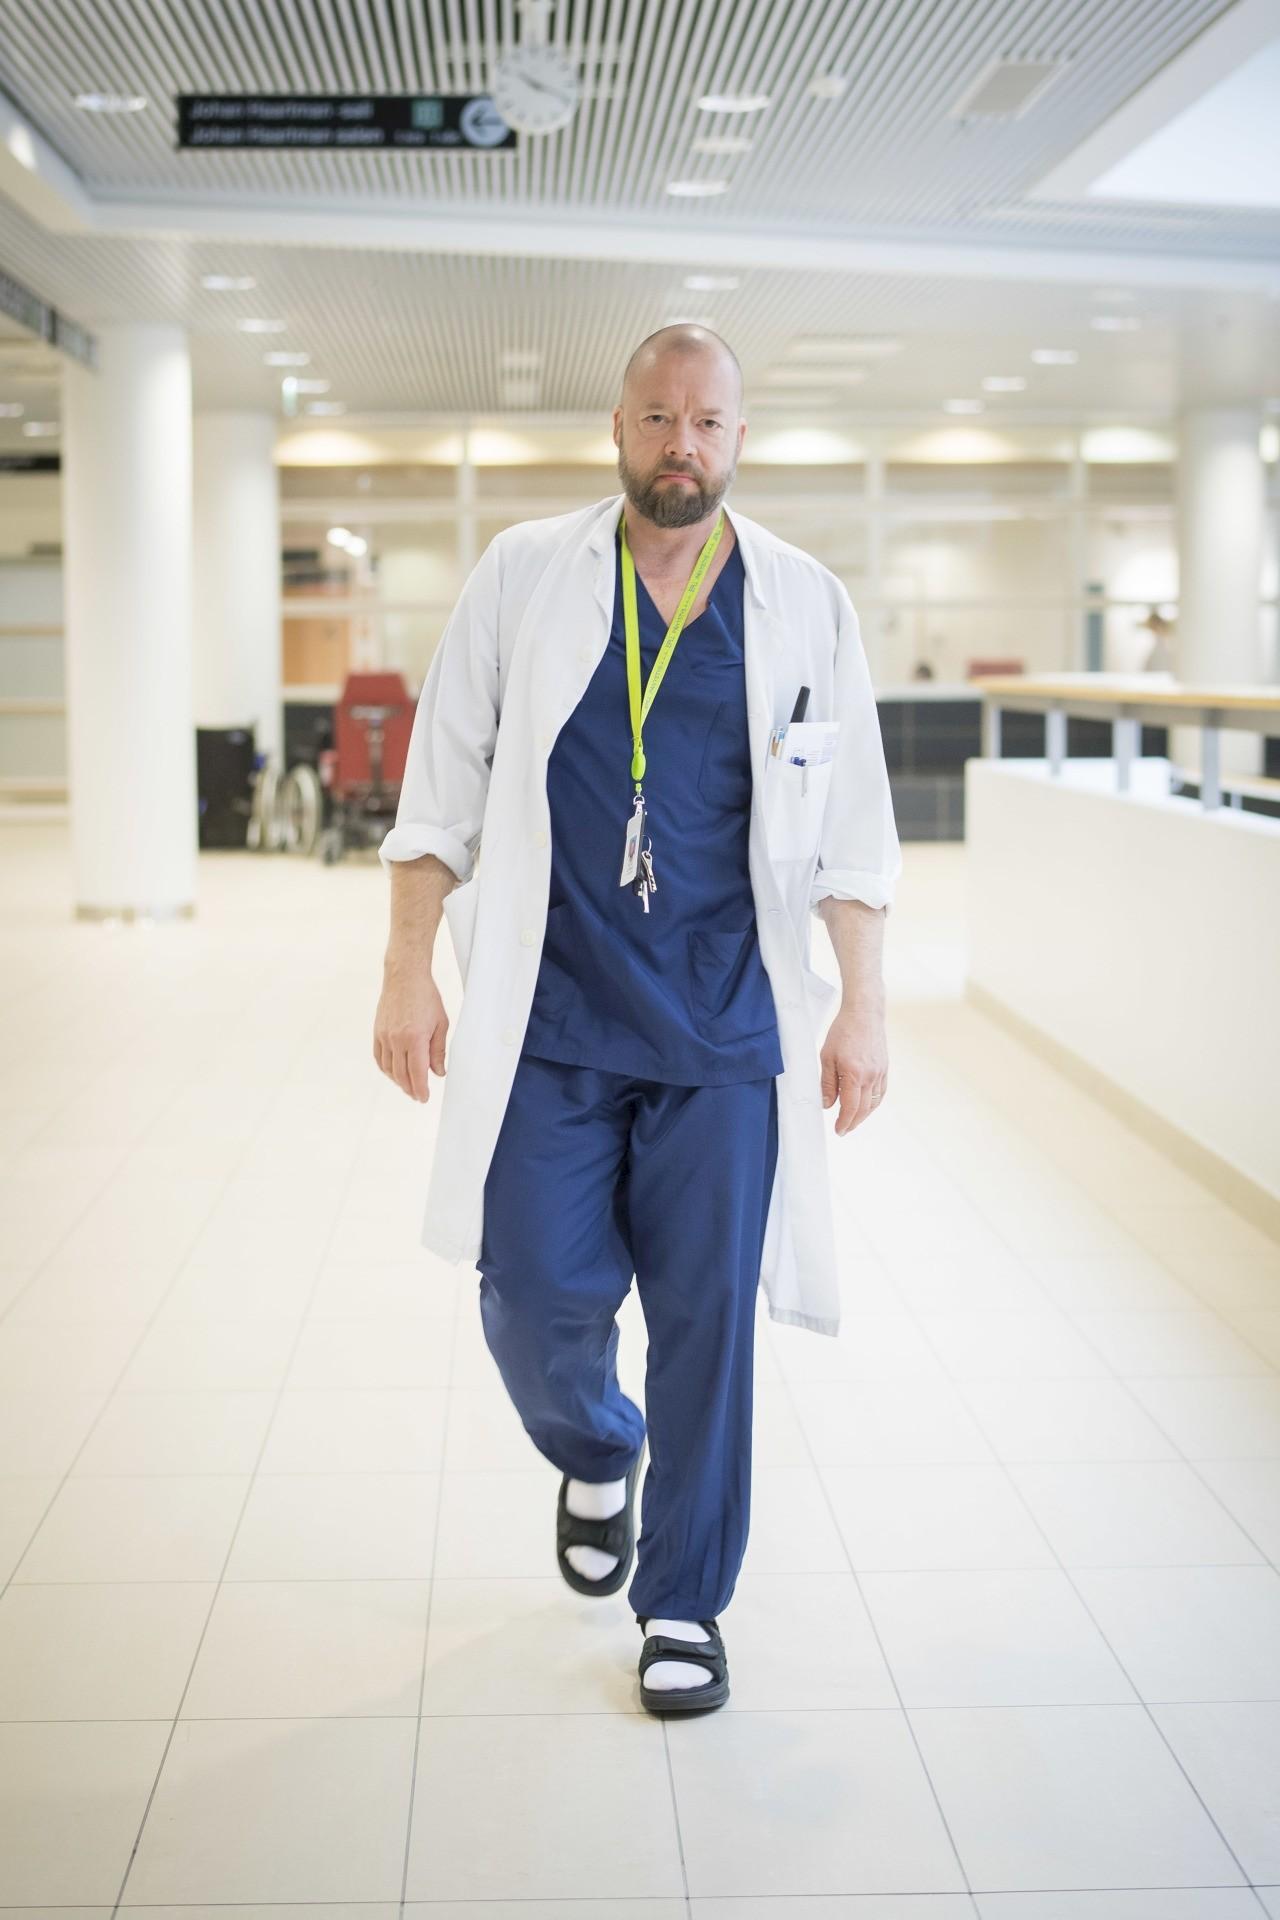 Lääkärilehti - Hoito toimi nopeasti Turun iskussa